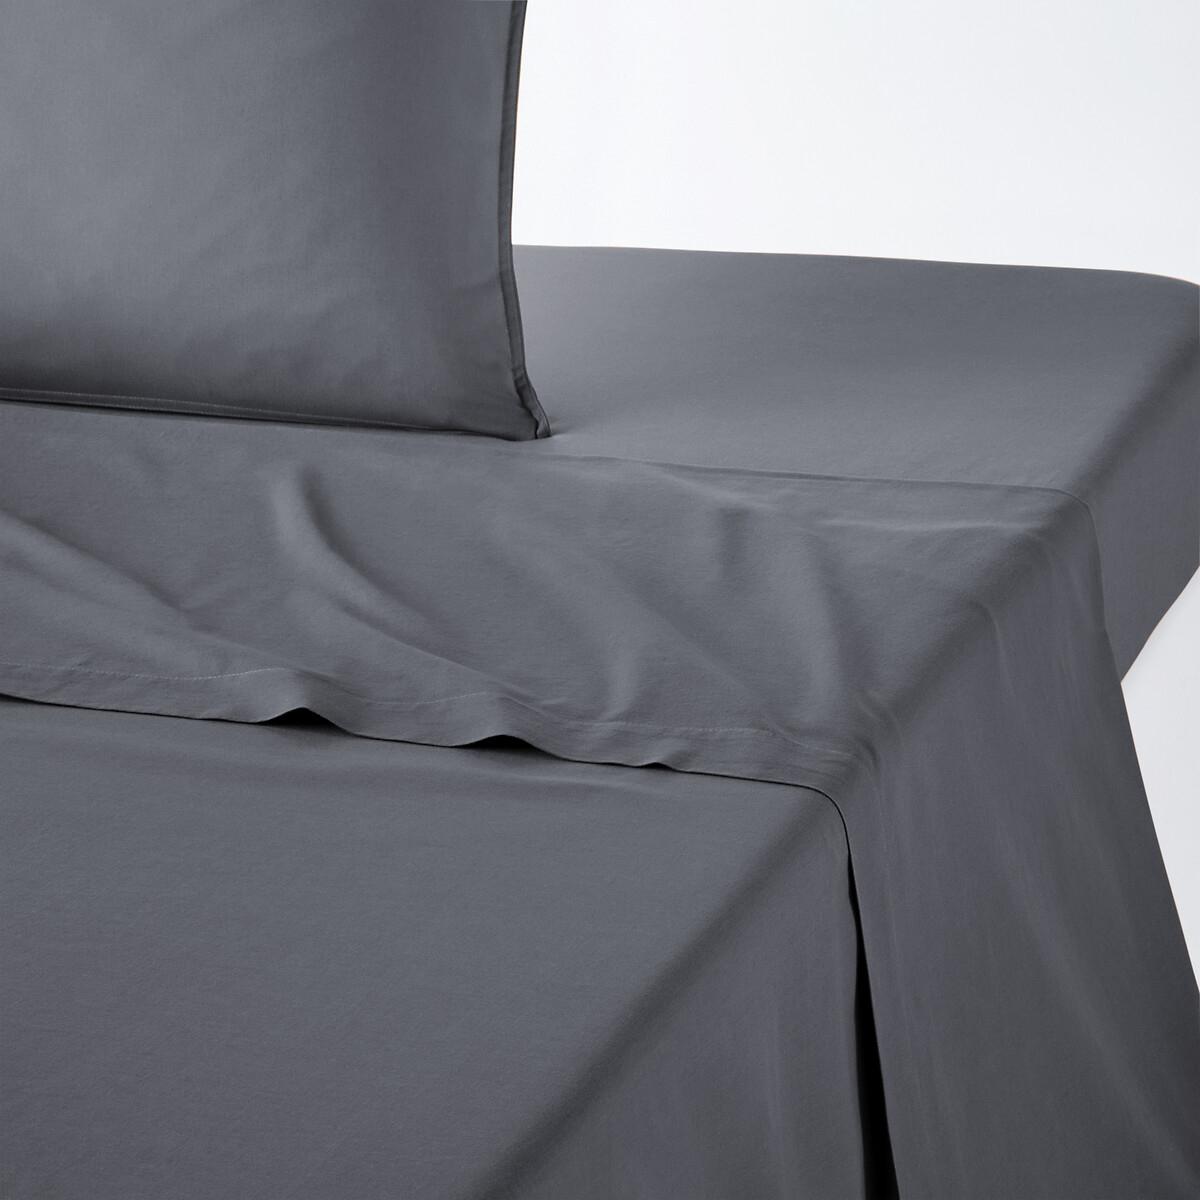 Фото - Простыня LaRedoute Однотонная из 100 стираного хлопка Scenario 150 x 250 см черный покрывало laredoute стеганое из 100 хлопка scenario 230 x 250 см белый